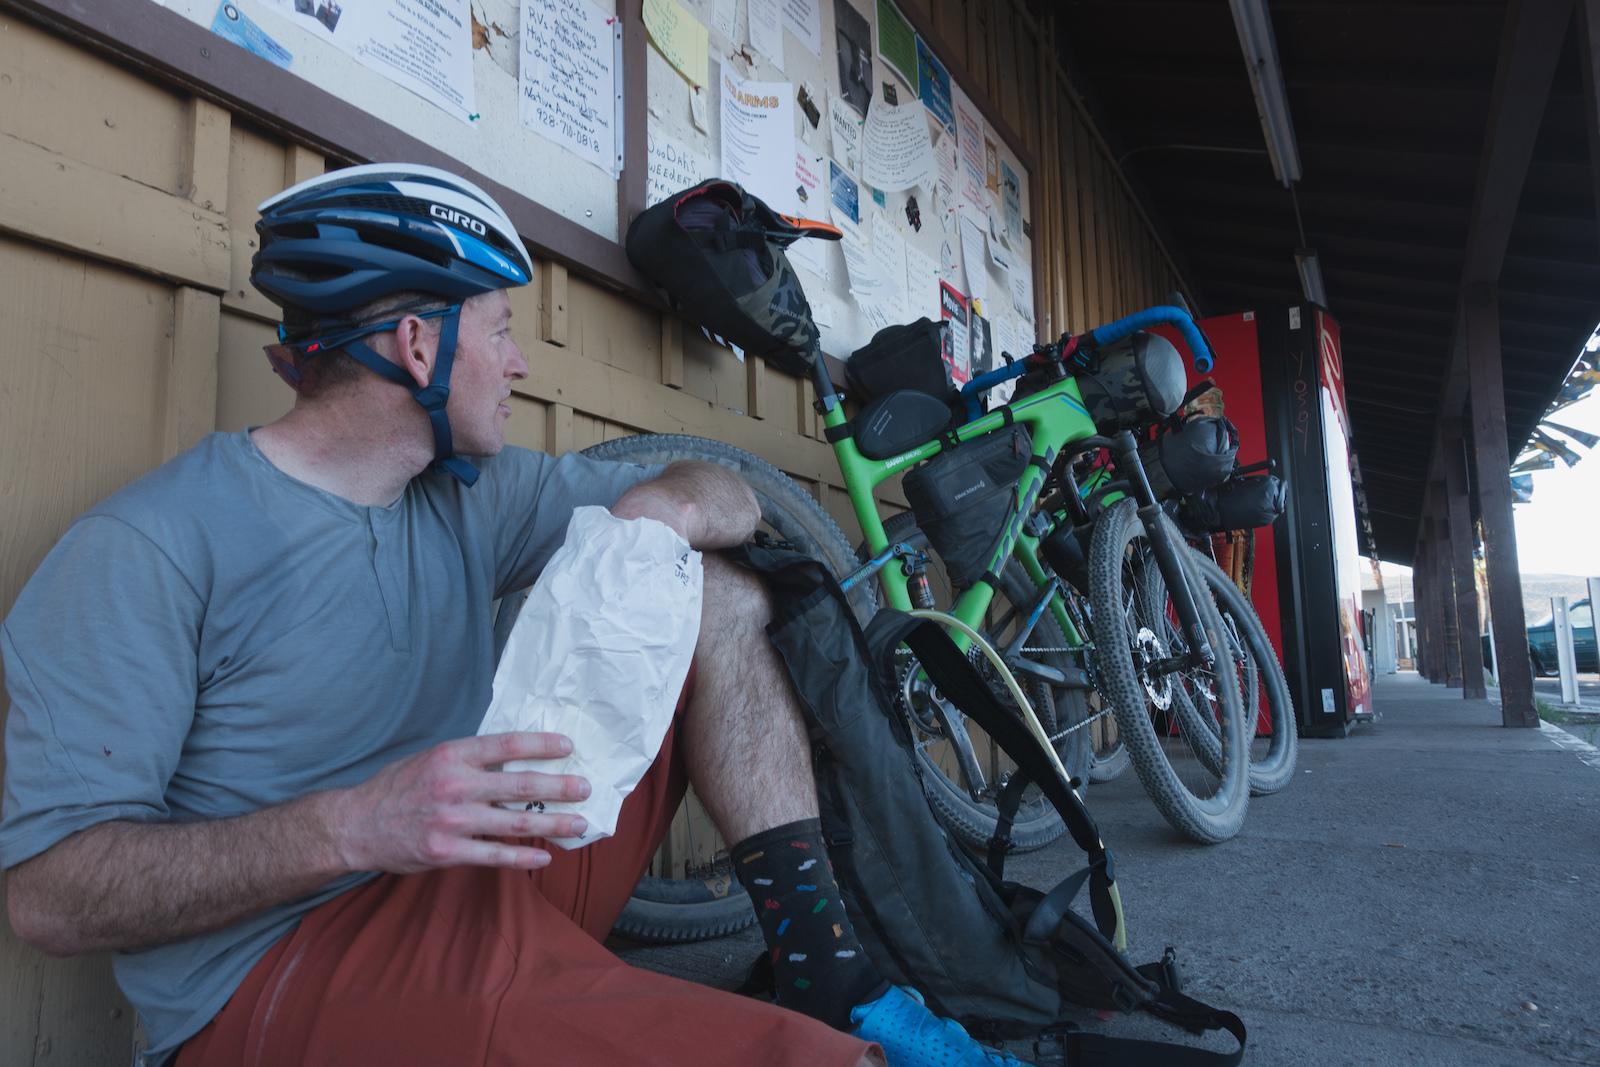 Photo by Patrick Means, www.trailhousephoto.com